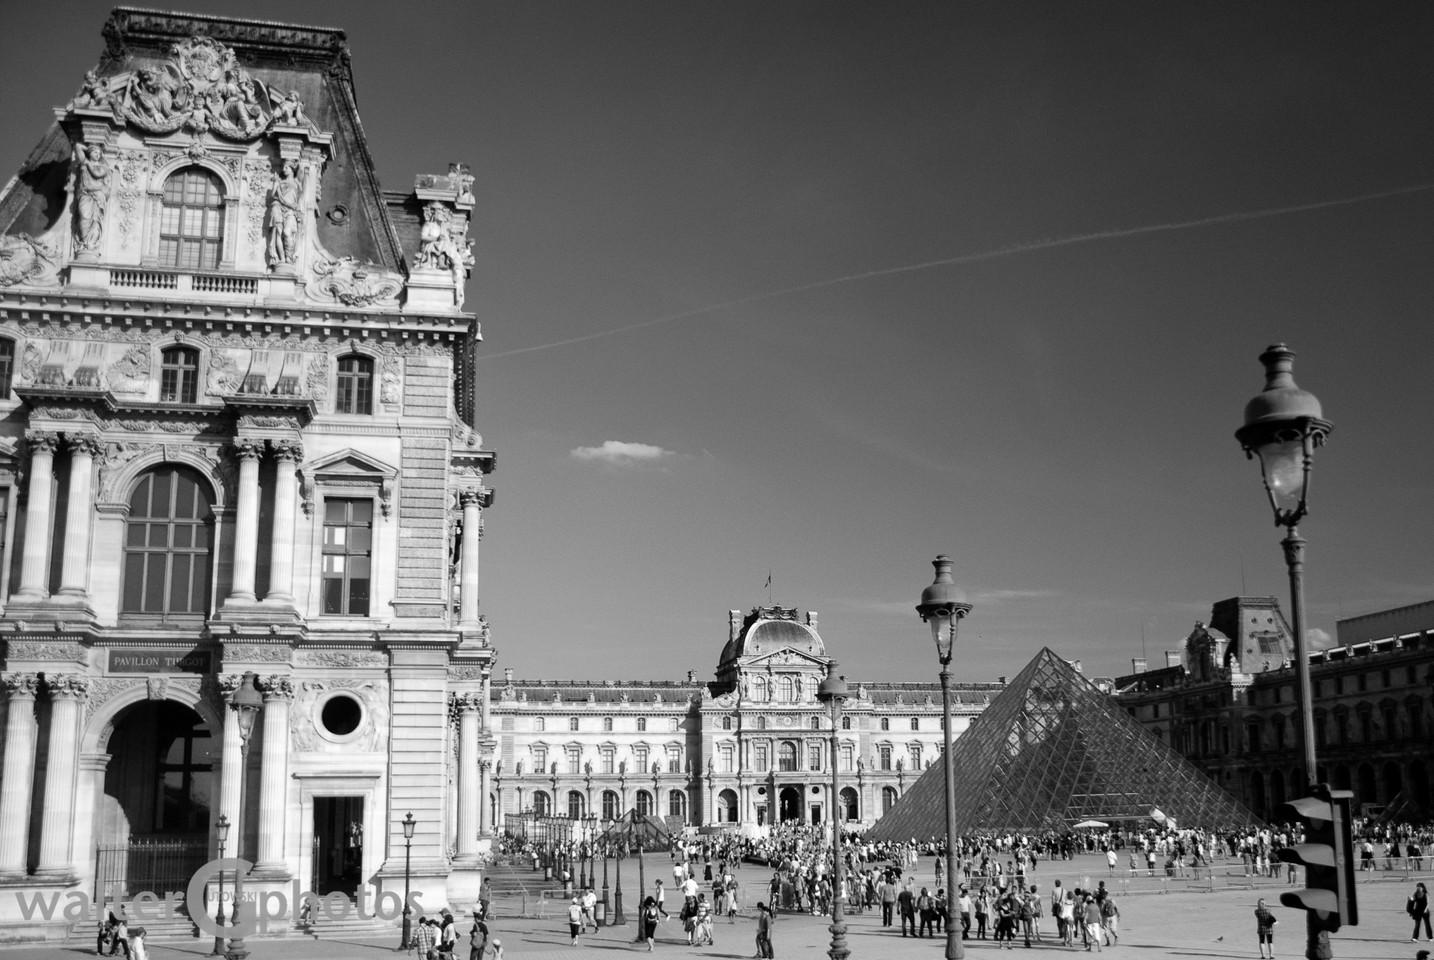 Louvre Courtyard, Paris, France